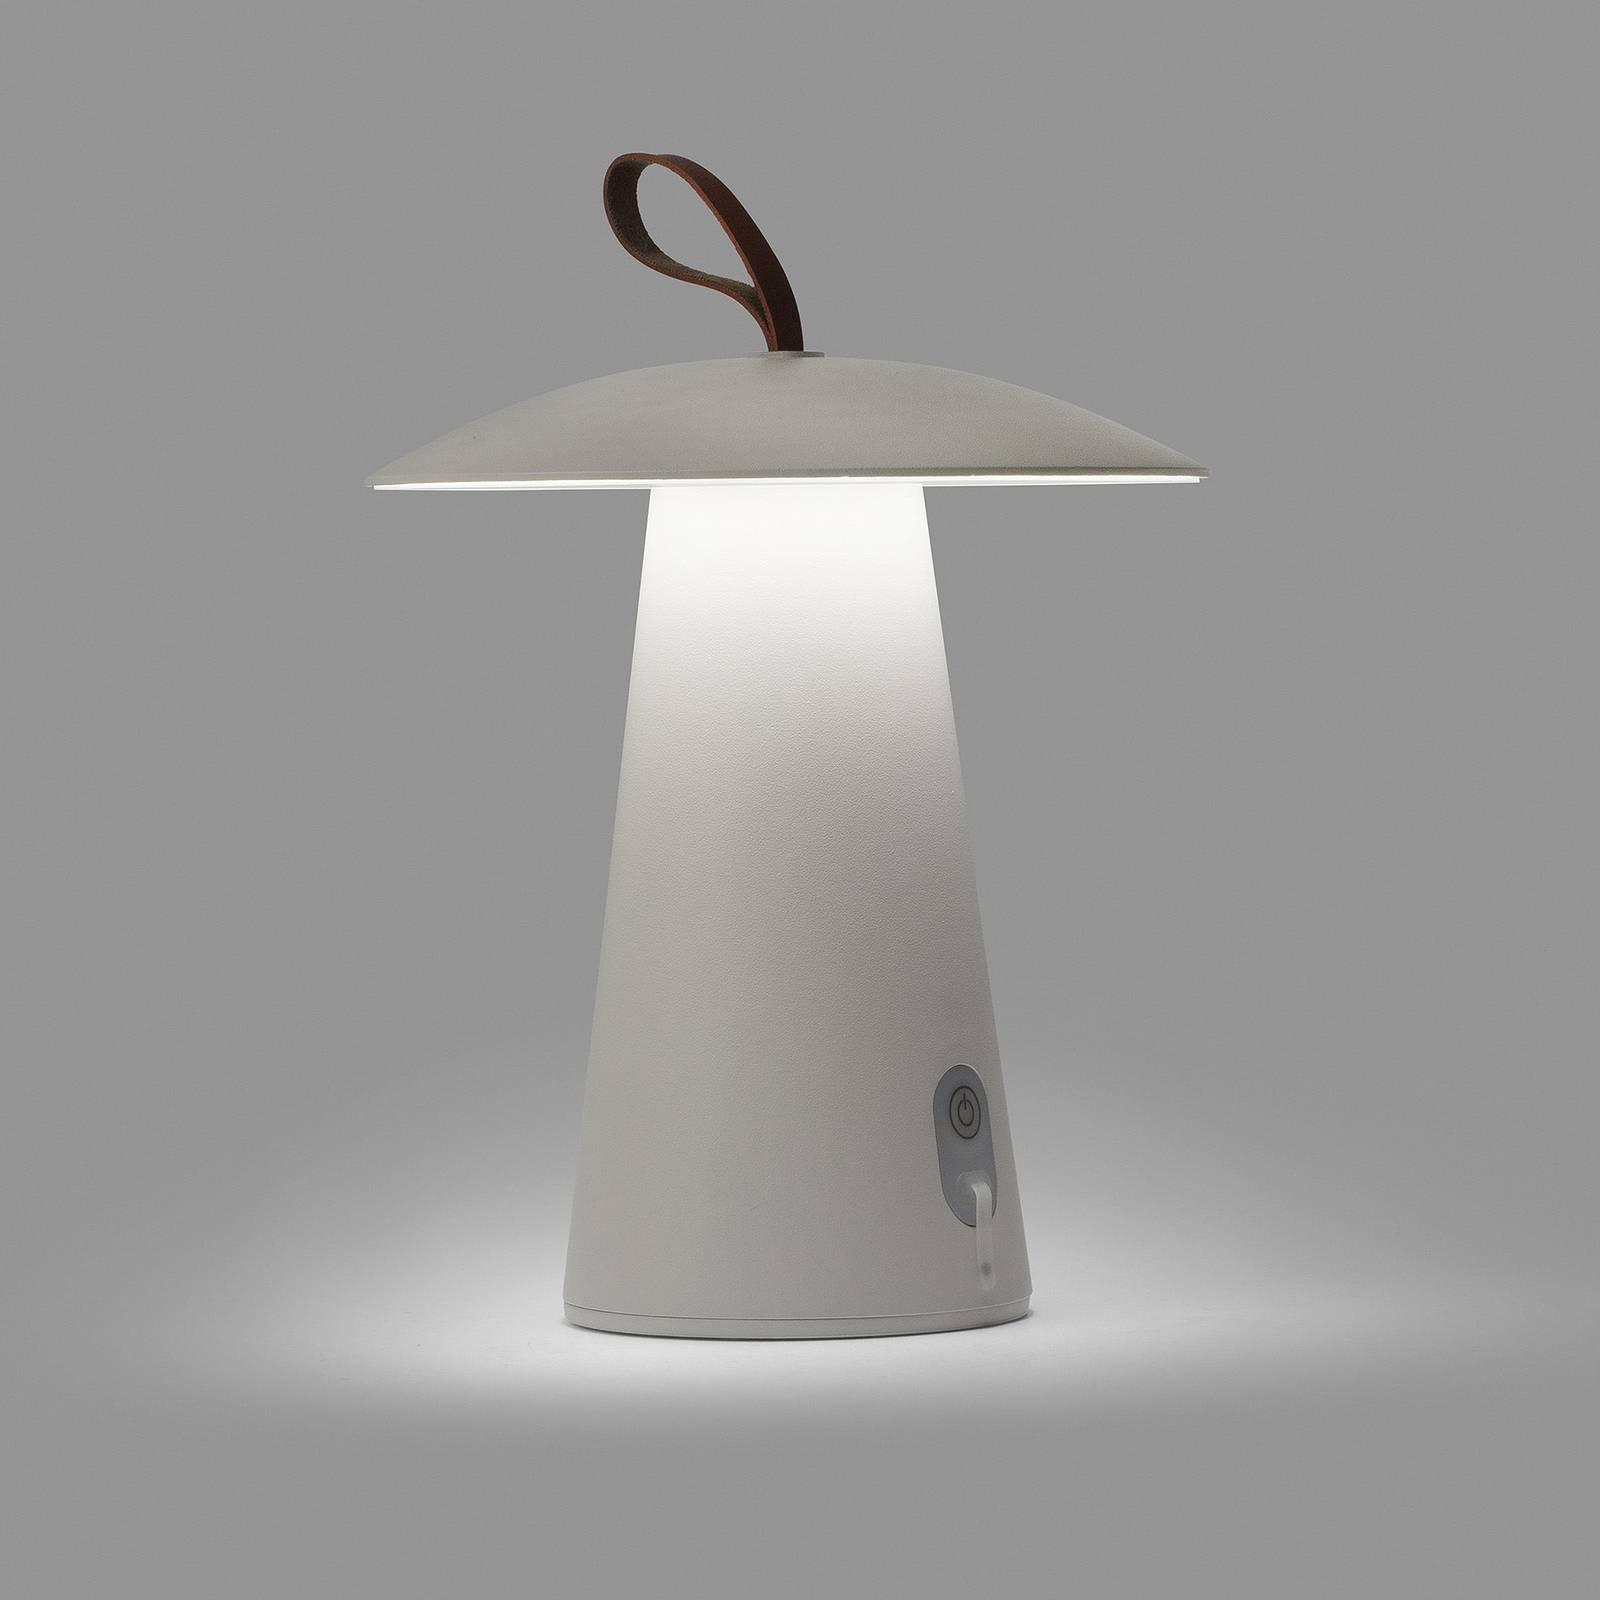 LED-terassivalo Task, siirrettävä, himmennettävä